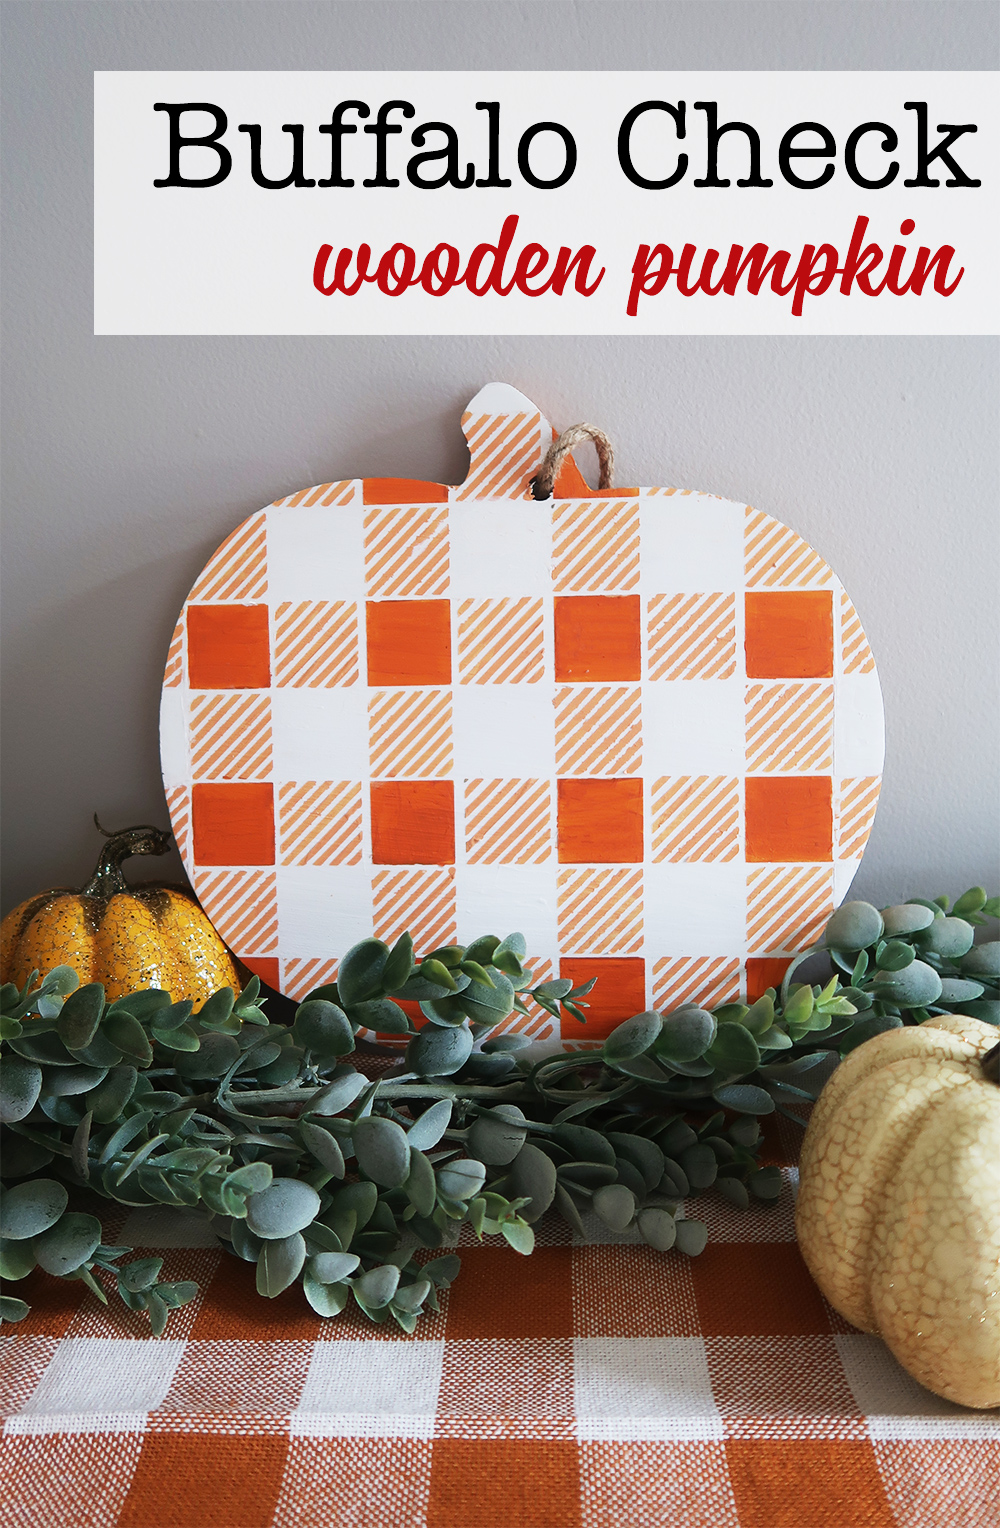 Buffalo Check Wooden Pumpkin by Weekend Craft